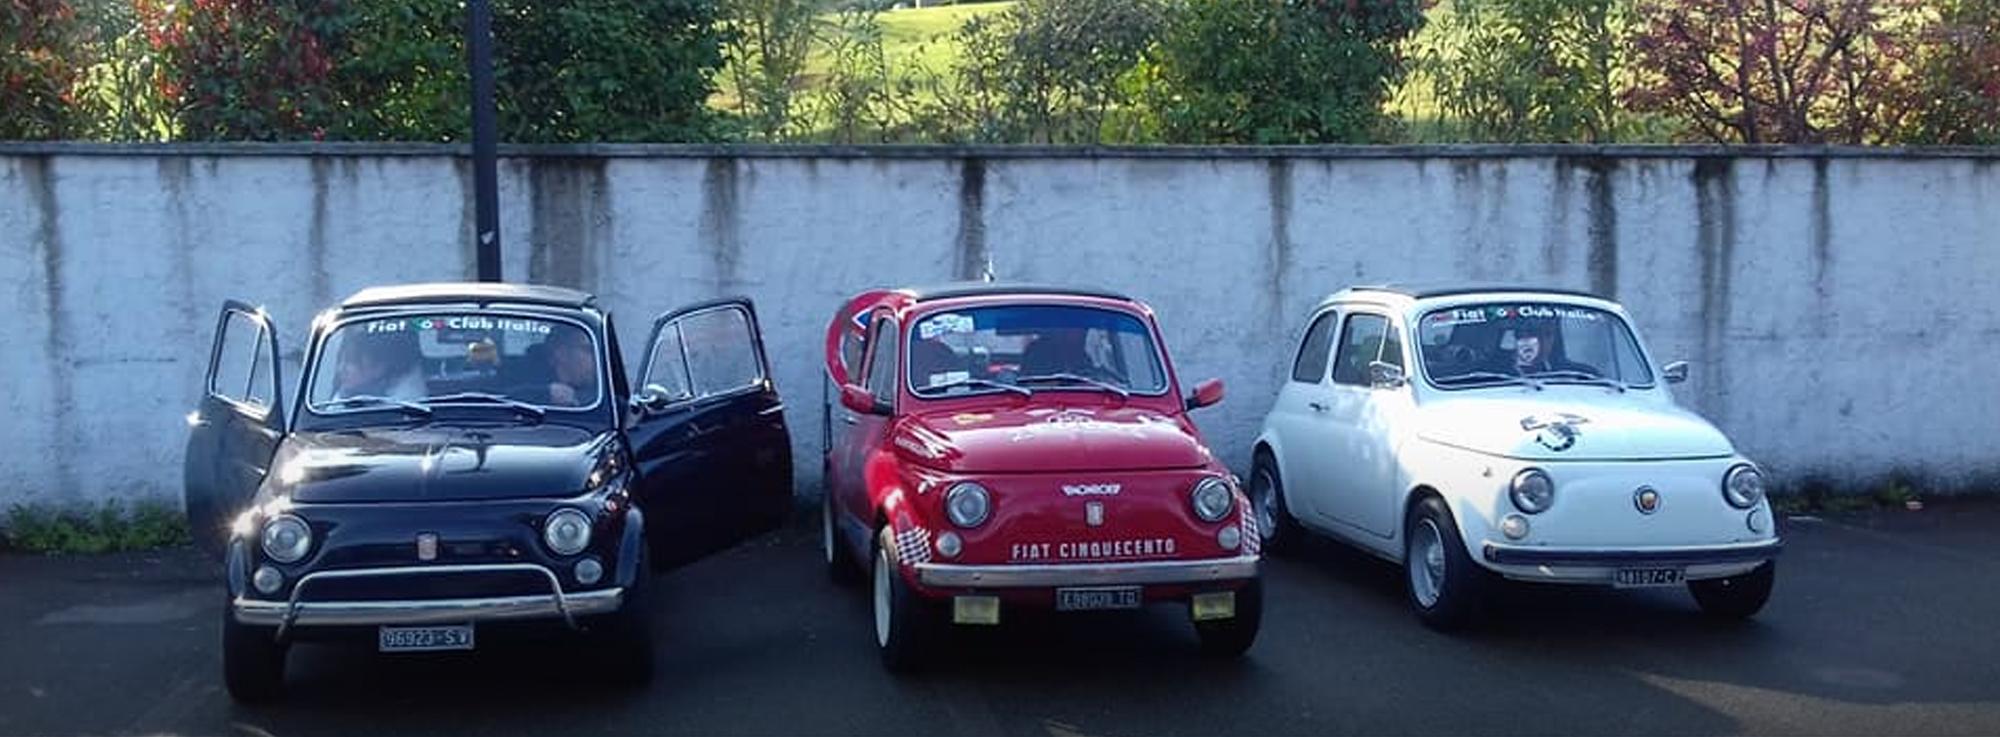 Bitetto: Raduno Nazionale Fiat 500